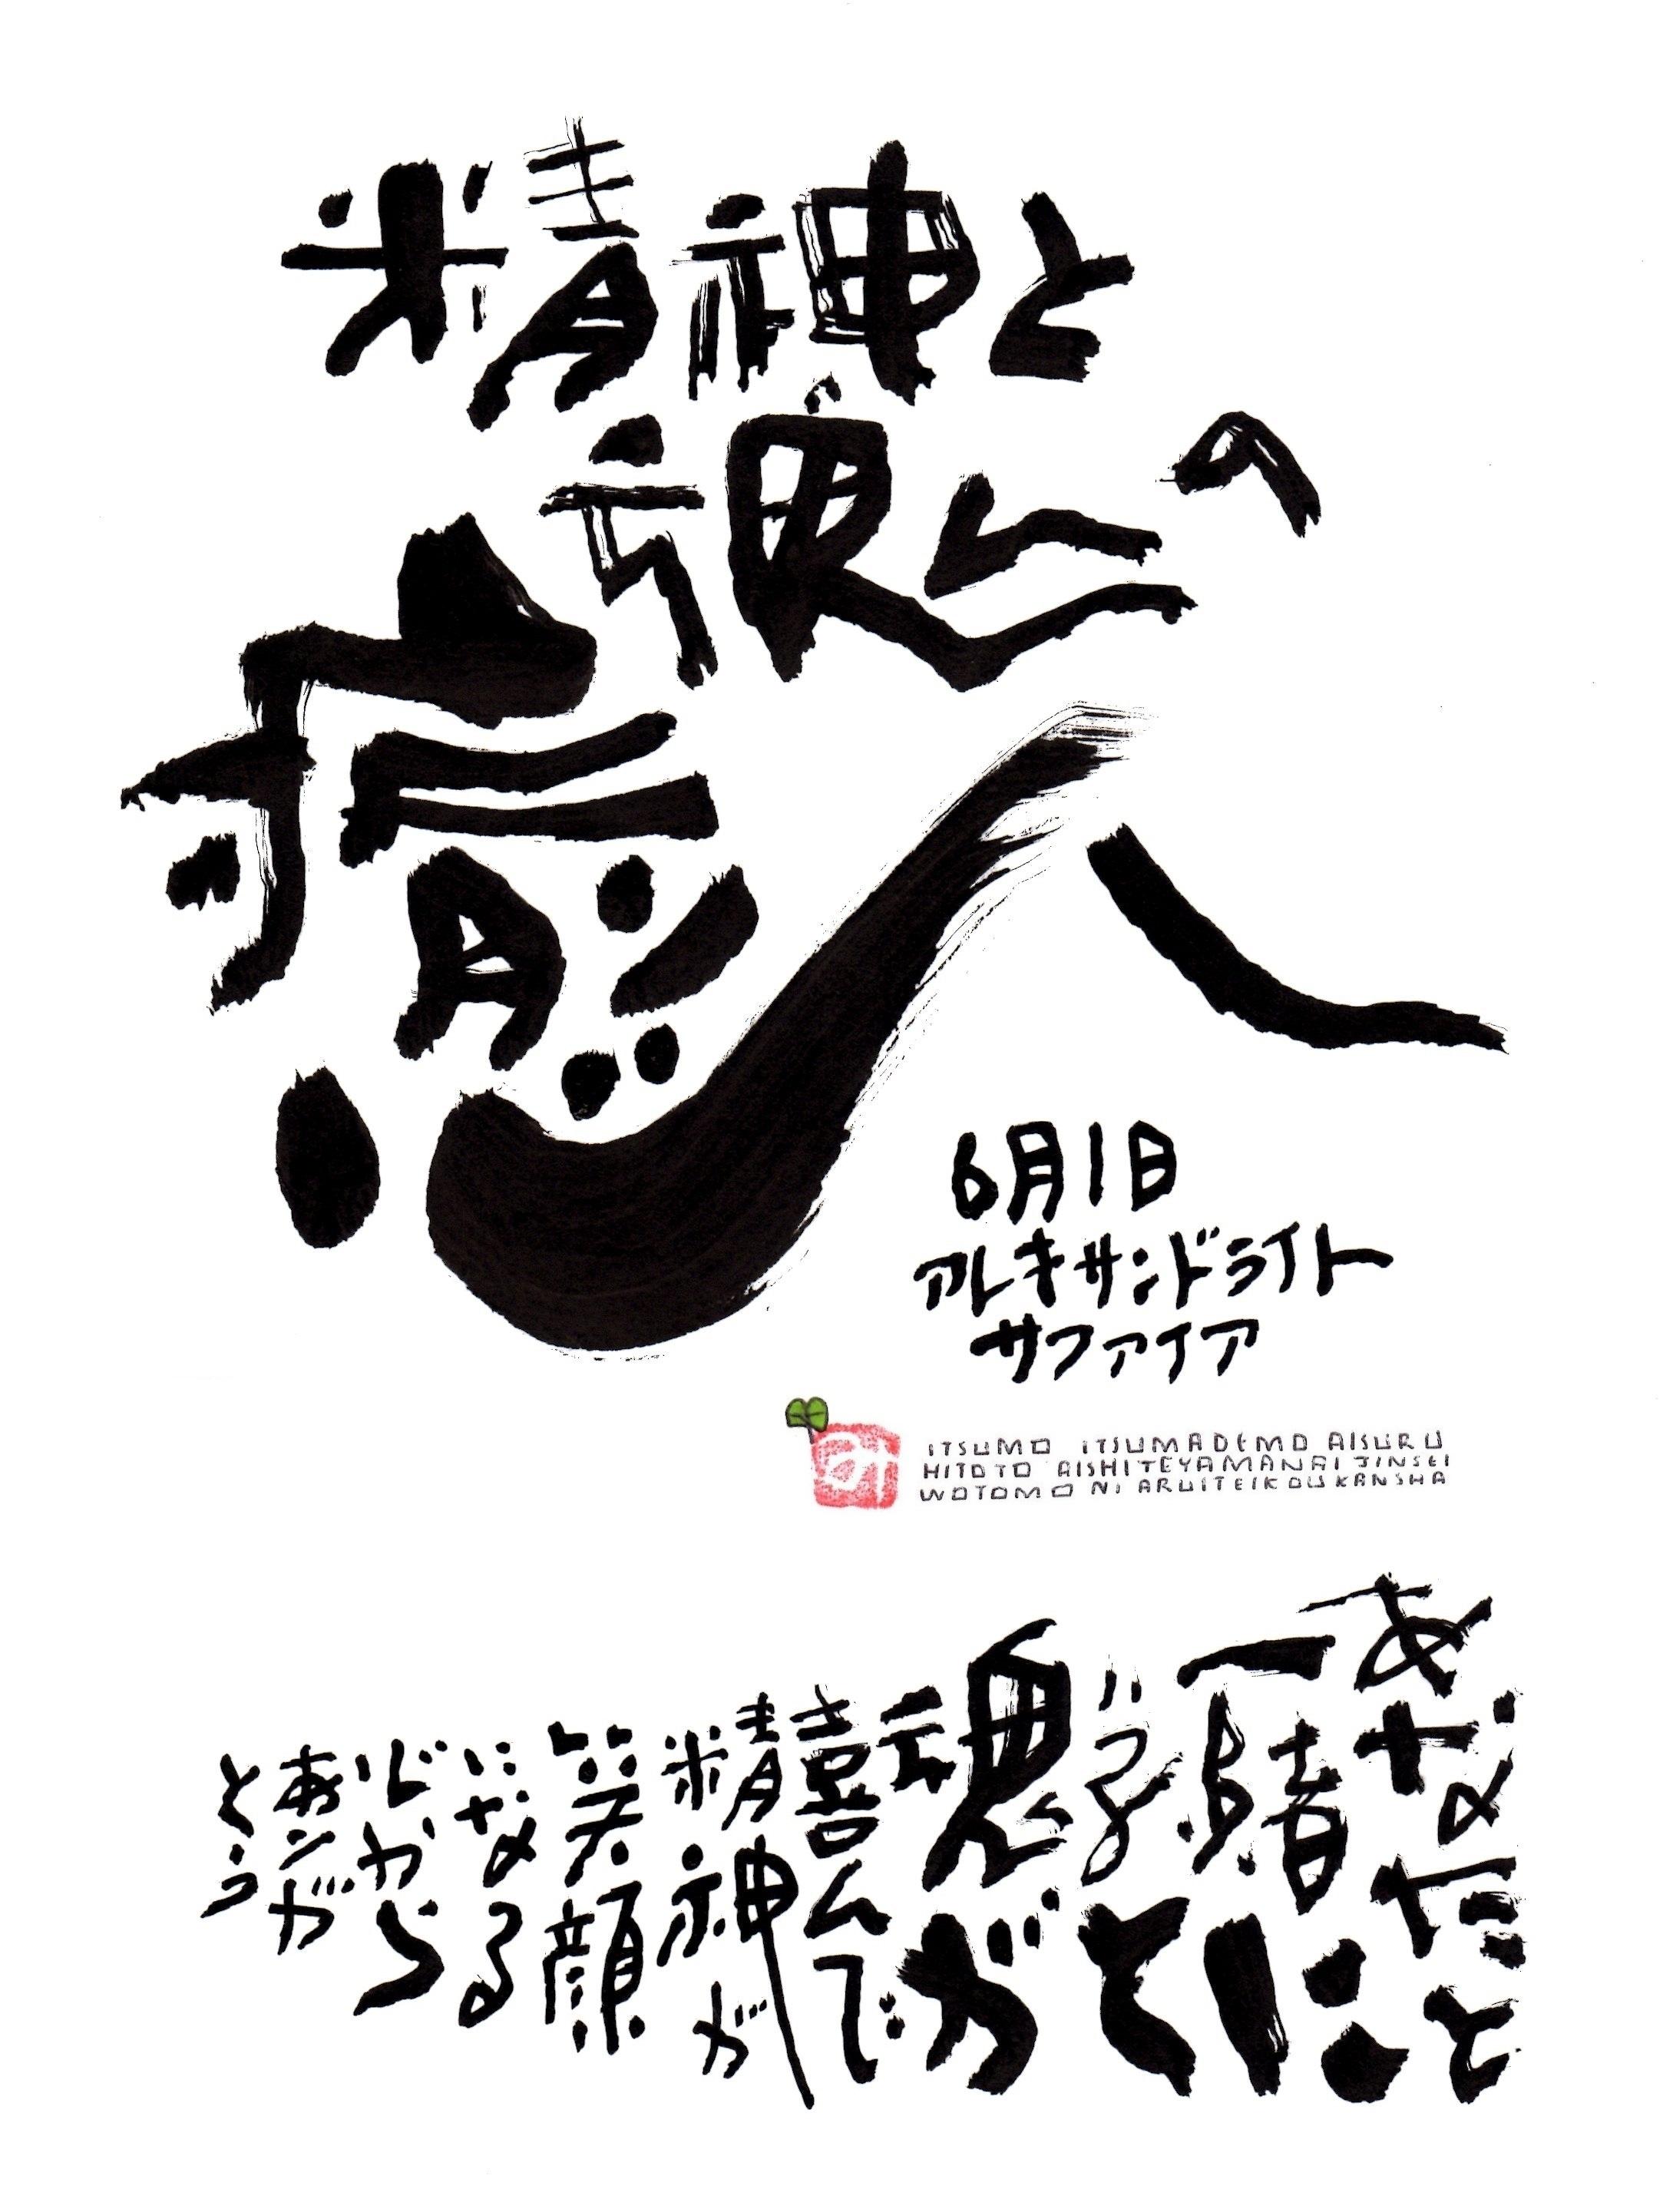 6月1日 結婚記念日ポストカード【精神と魂の癒し】